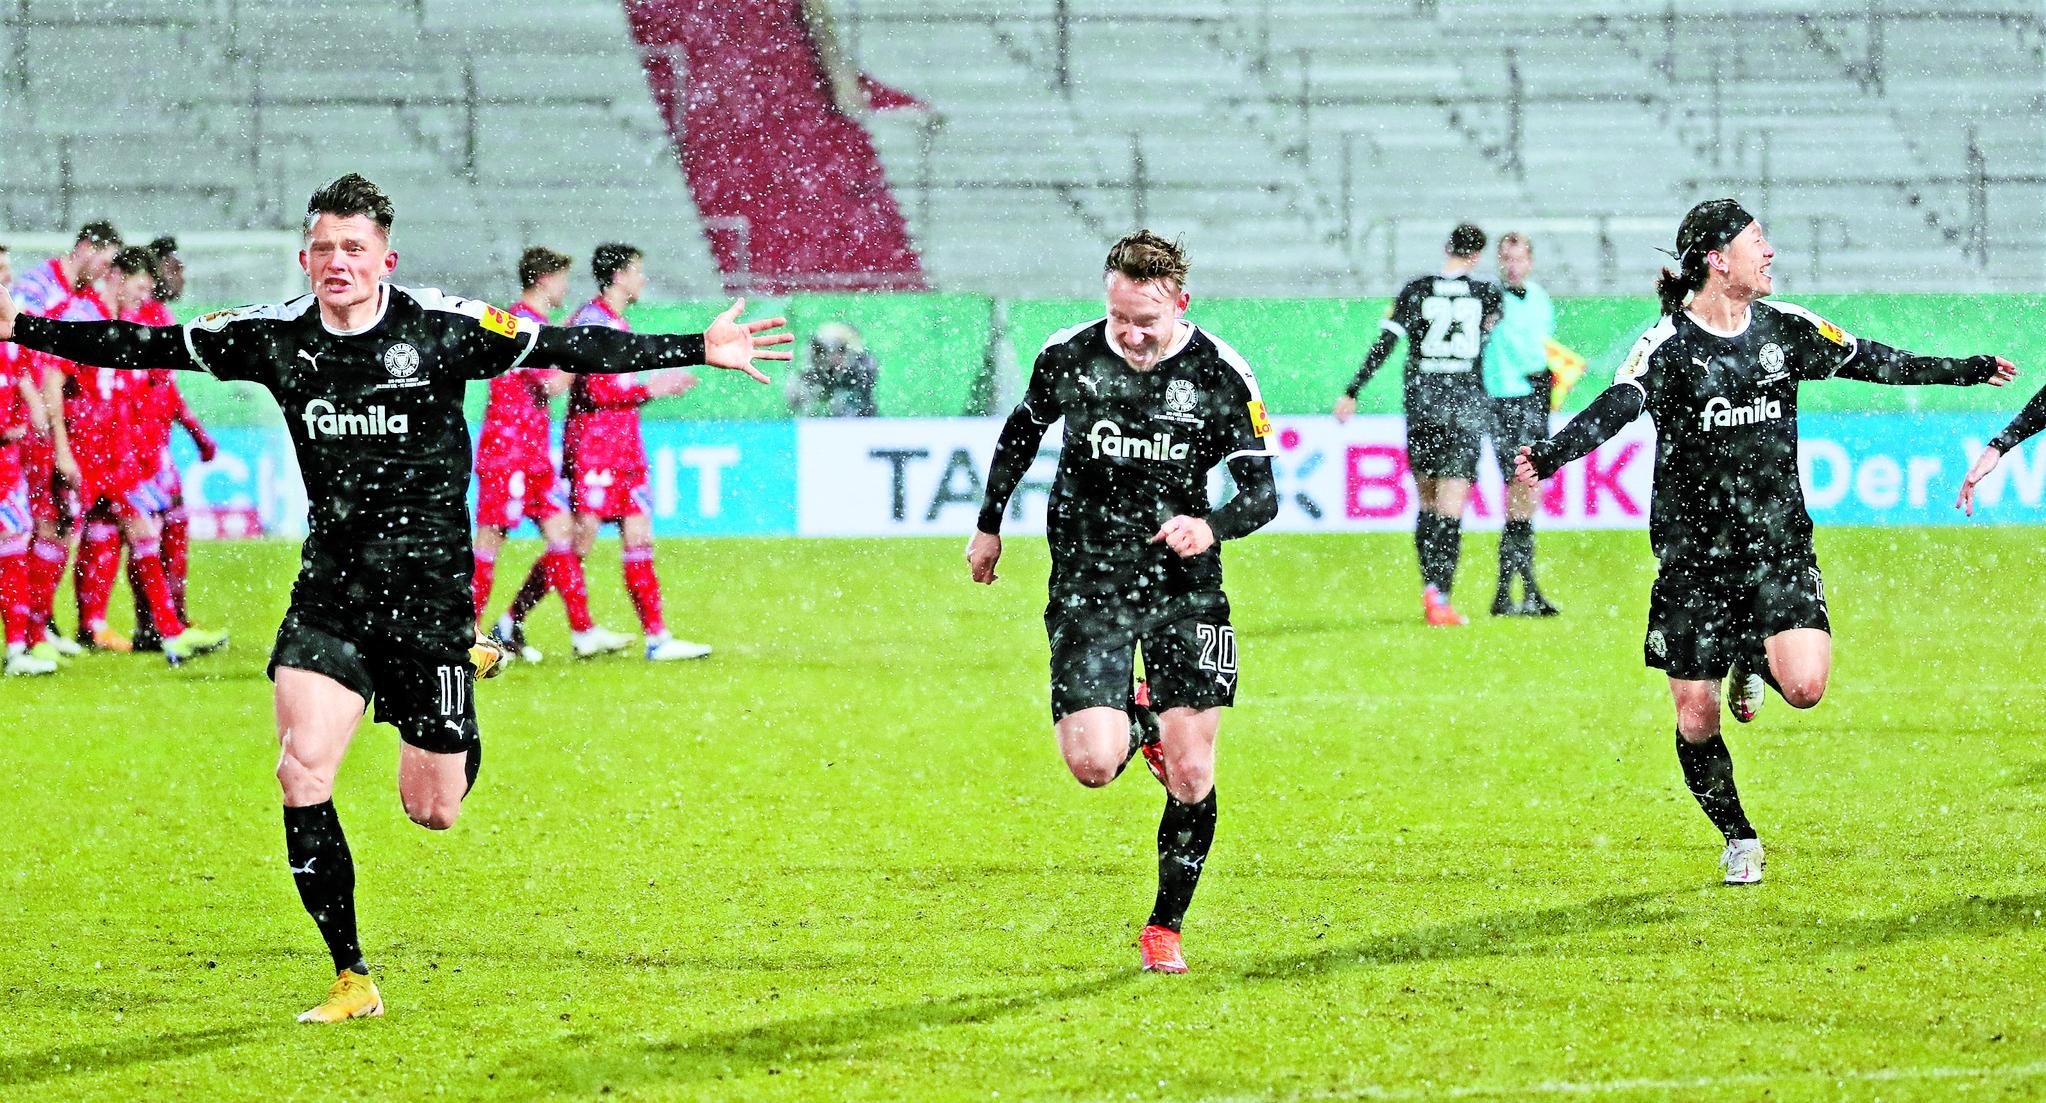 14일(한국시각) 열린 독일축구협회 포칼 2라운드 경기에서 바이에른 뮌헨을 물리친 뒤 환호하는 이재성(오른쪽)과 홀슈타인 킬의 선수들. 이재성은 승부차기를 성공시켰다. [EPA=연합뉴스]